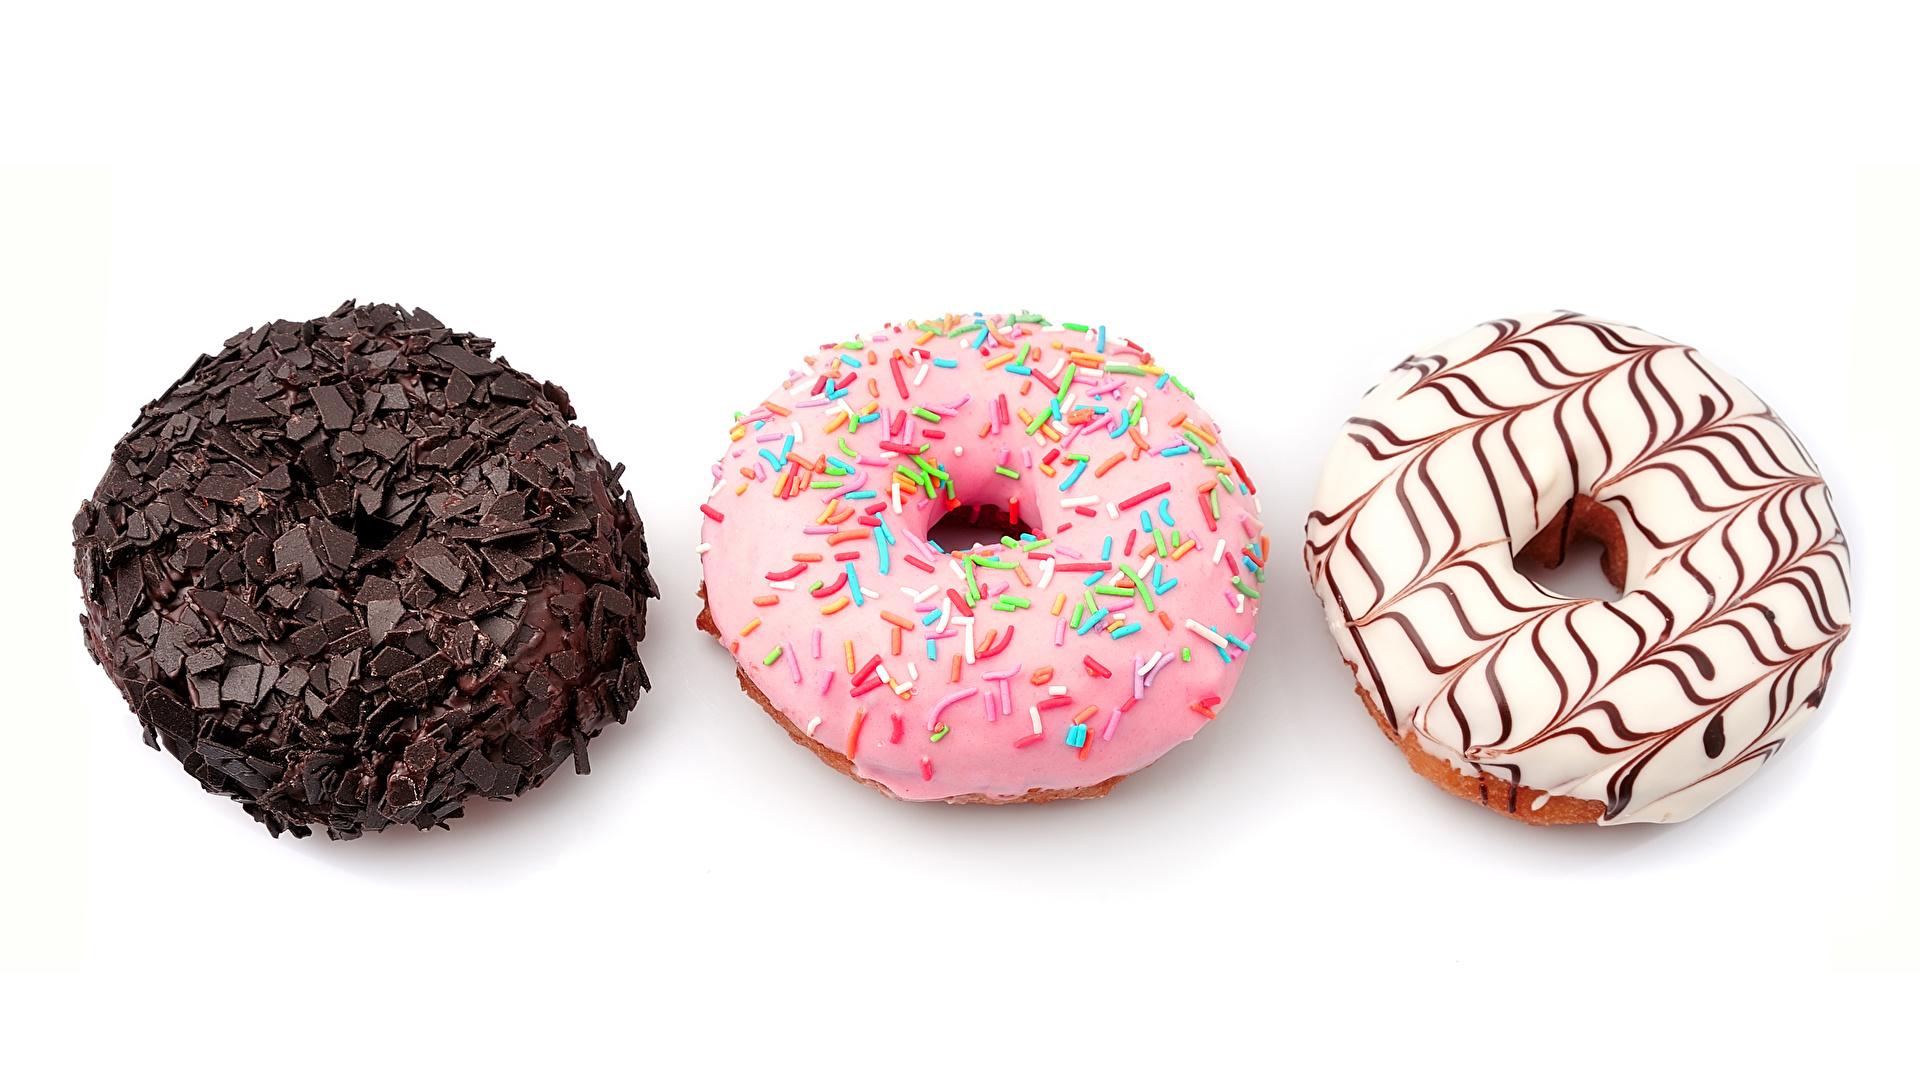 Foto Schokolade Donut Drei 3 Lebensmittel Backware Weißer hintergrund 1920x1080